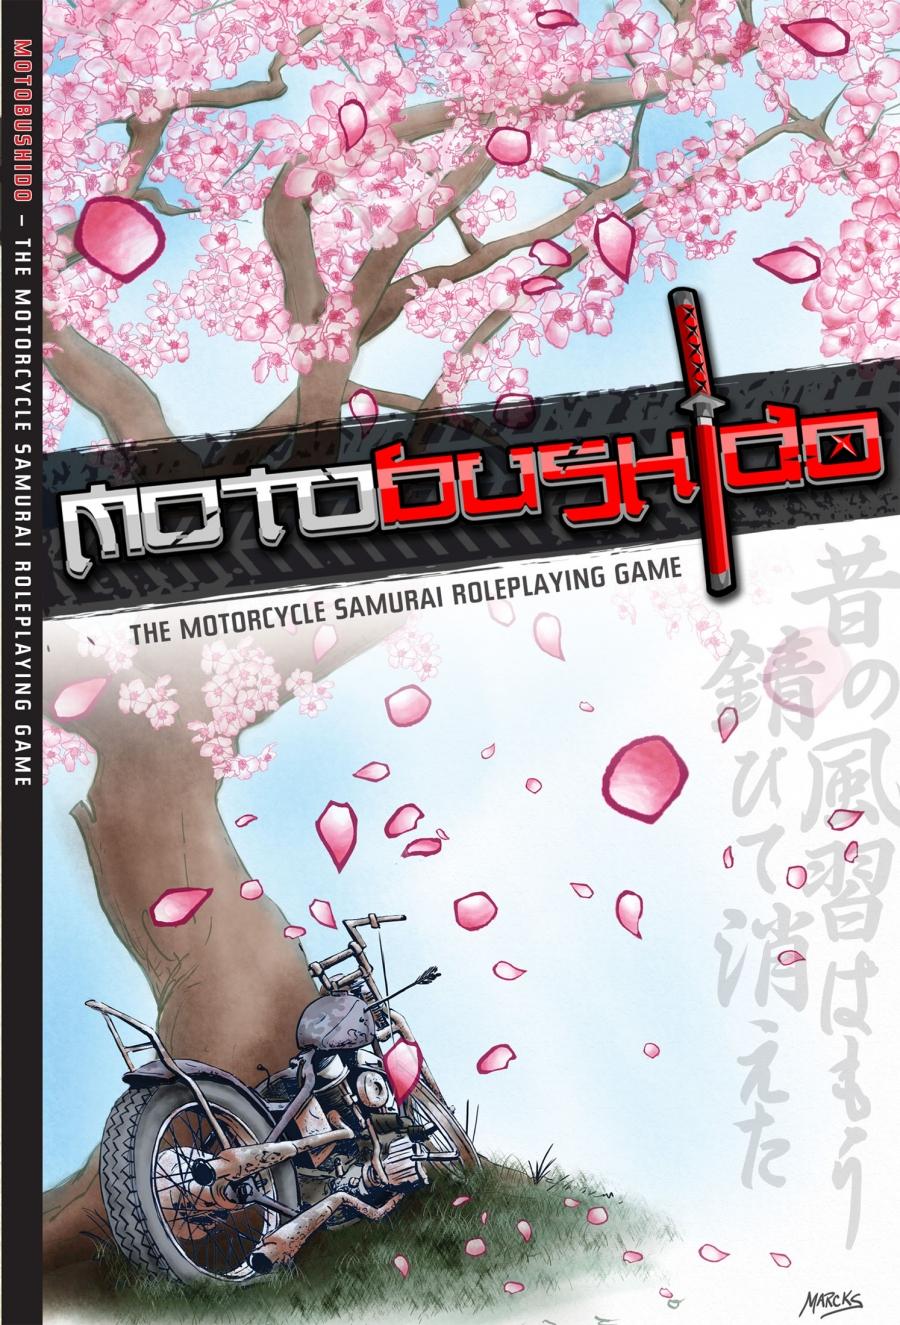 Motobushido